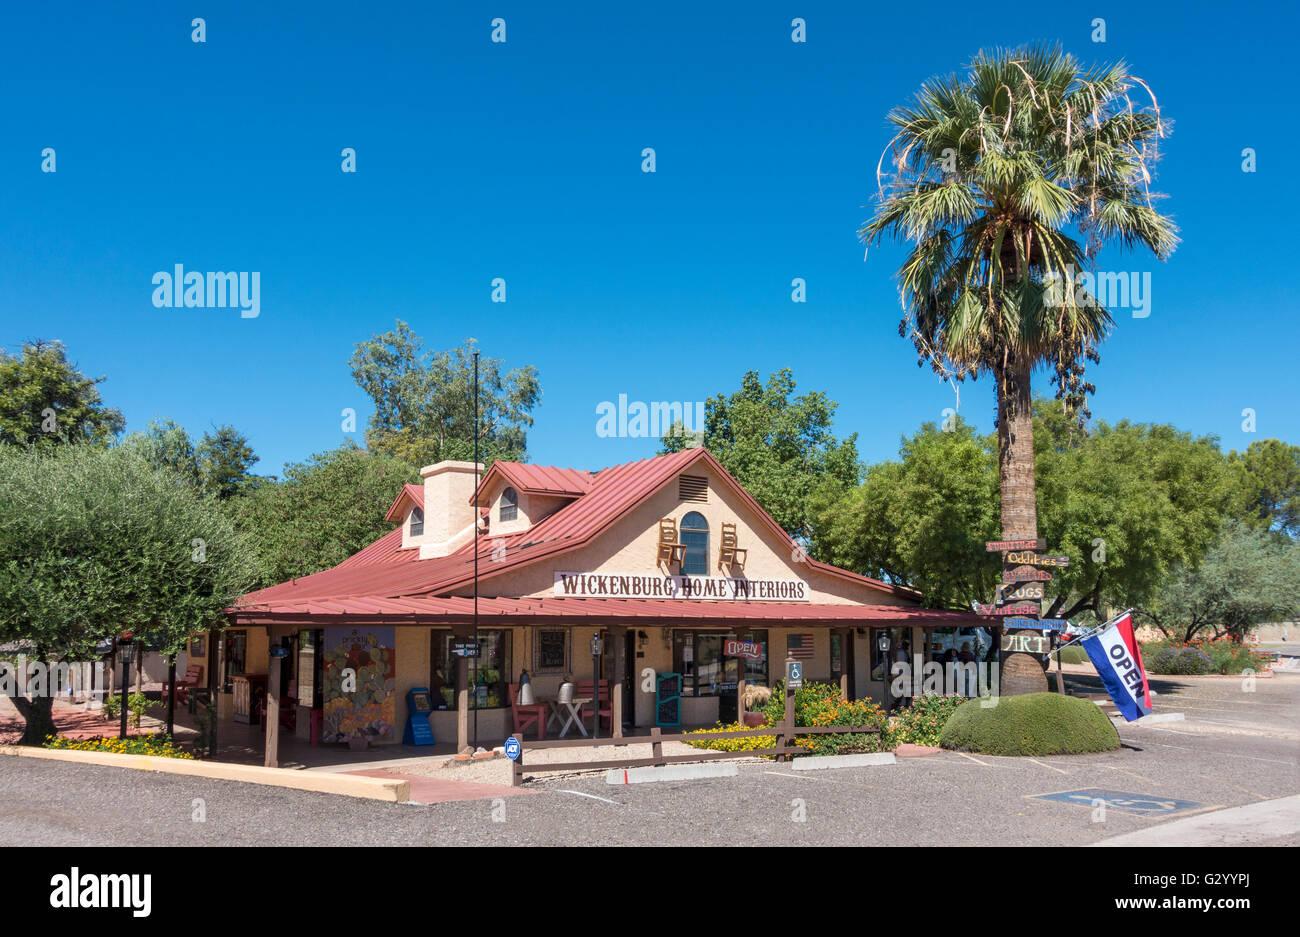 Arizona, Wickenburg Home Interiors Store - Stock Image